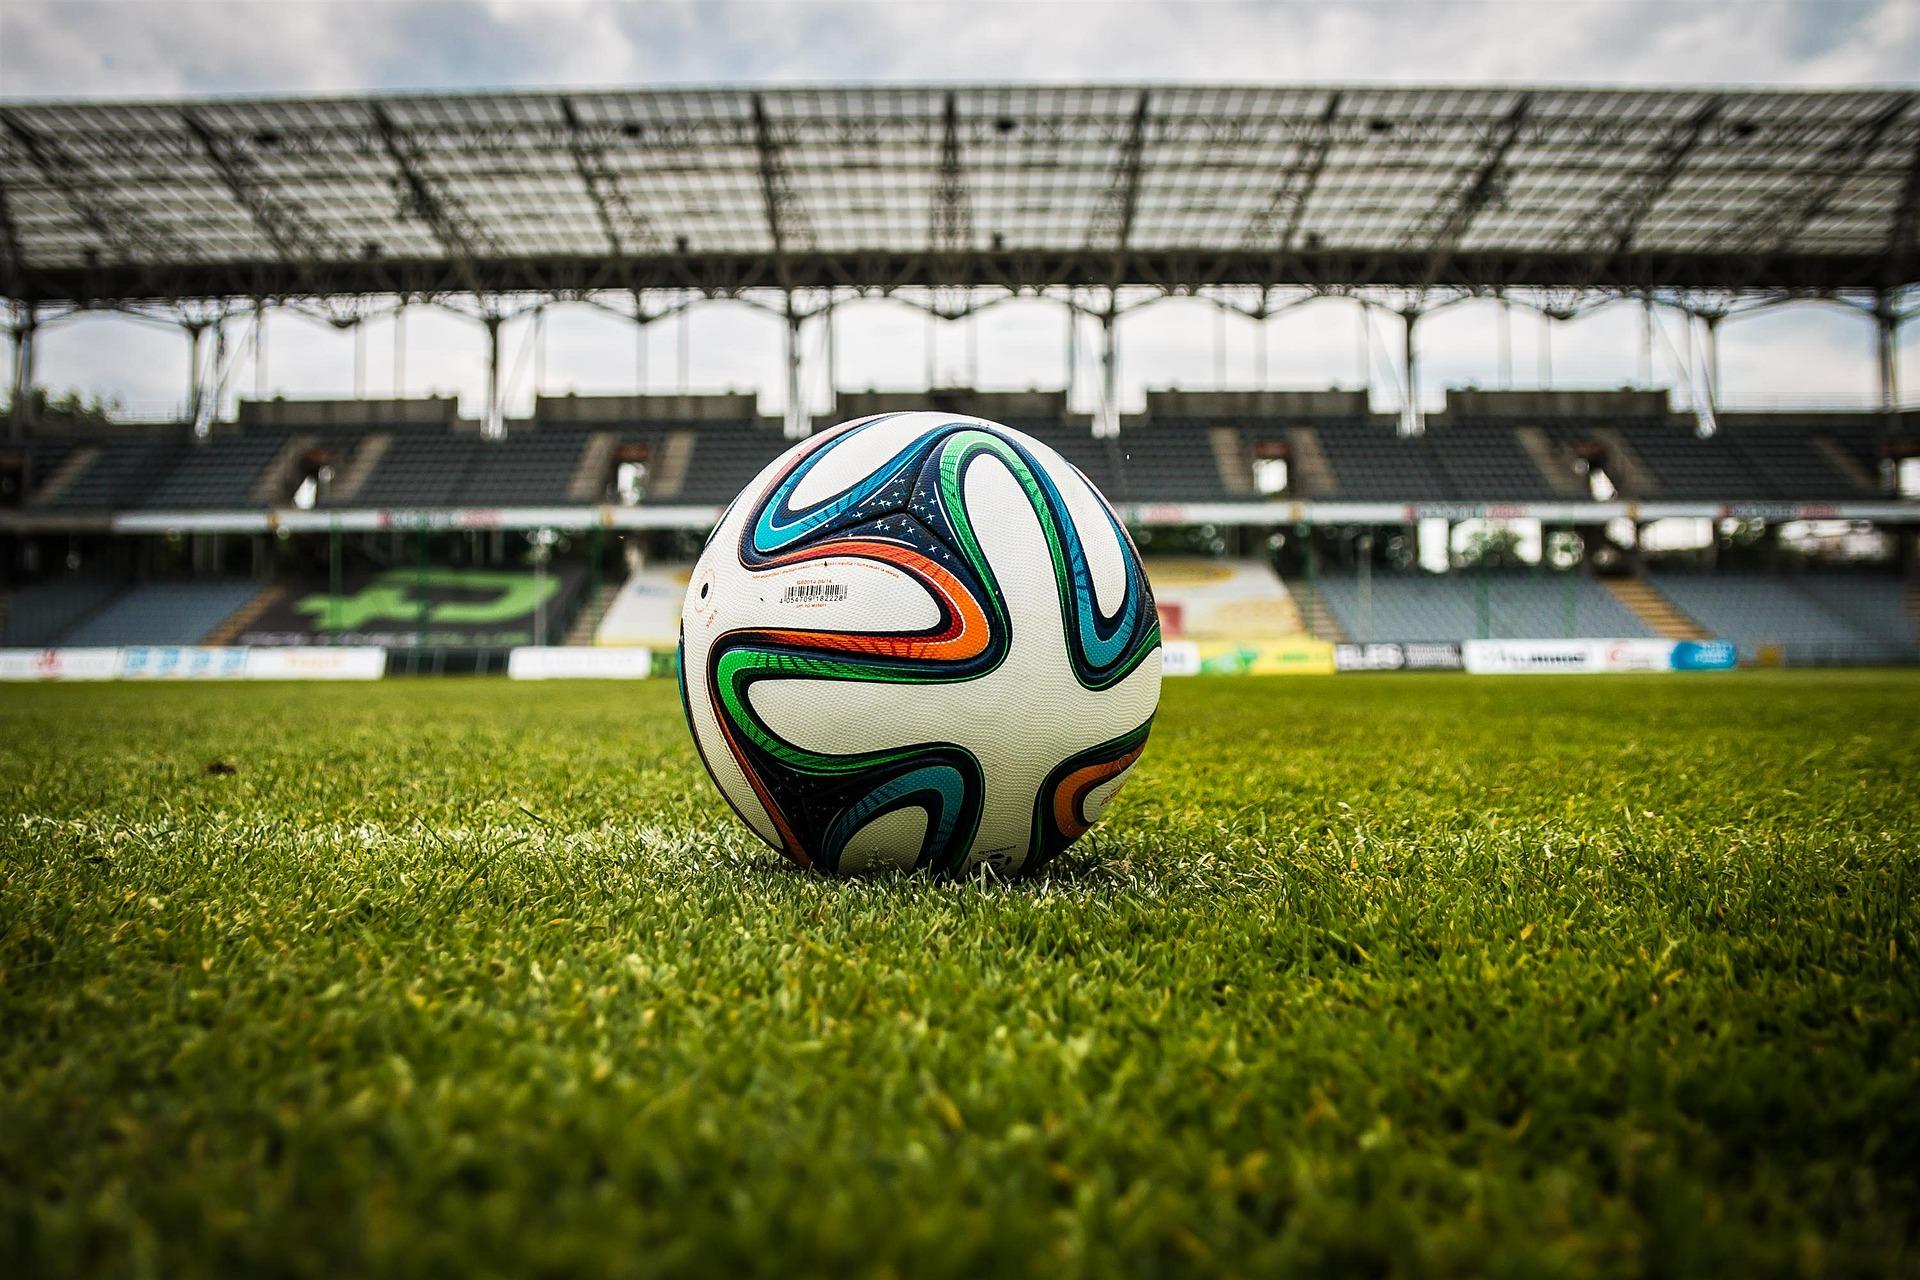 Einladung vereinsinternes Hallen-Fußball-Turnier